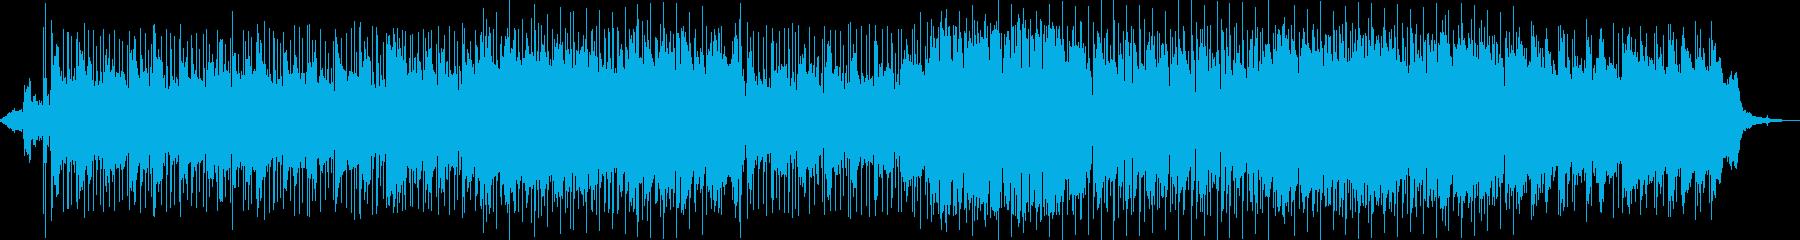 80年代ヴァイオリンを使用したアイ...の再生済みの波形